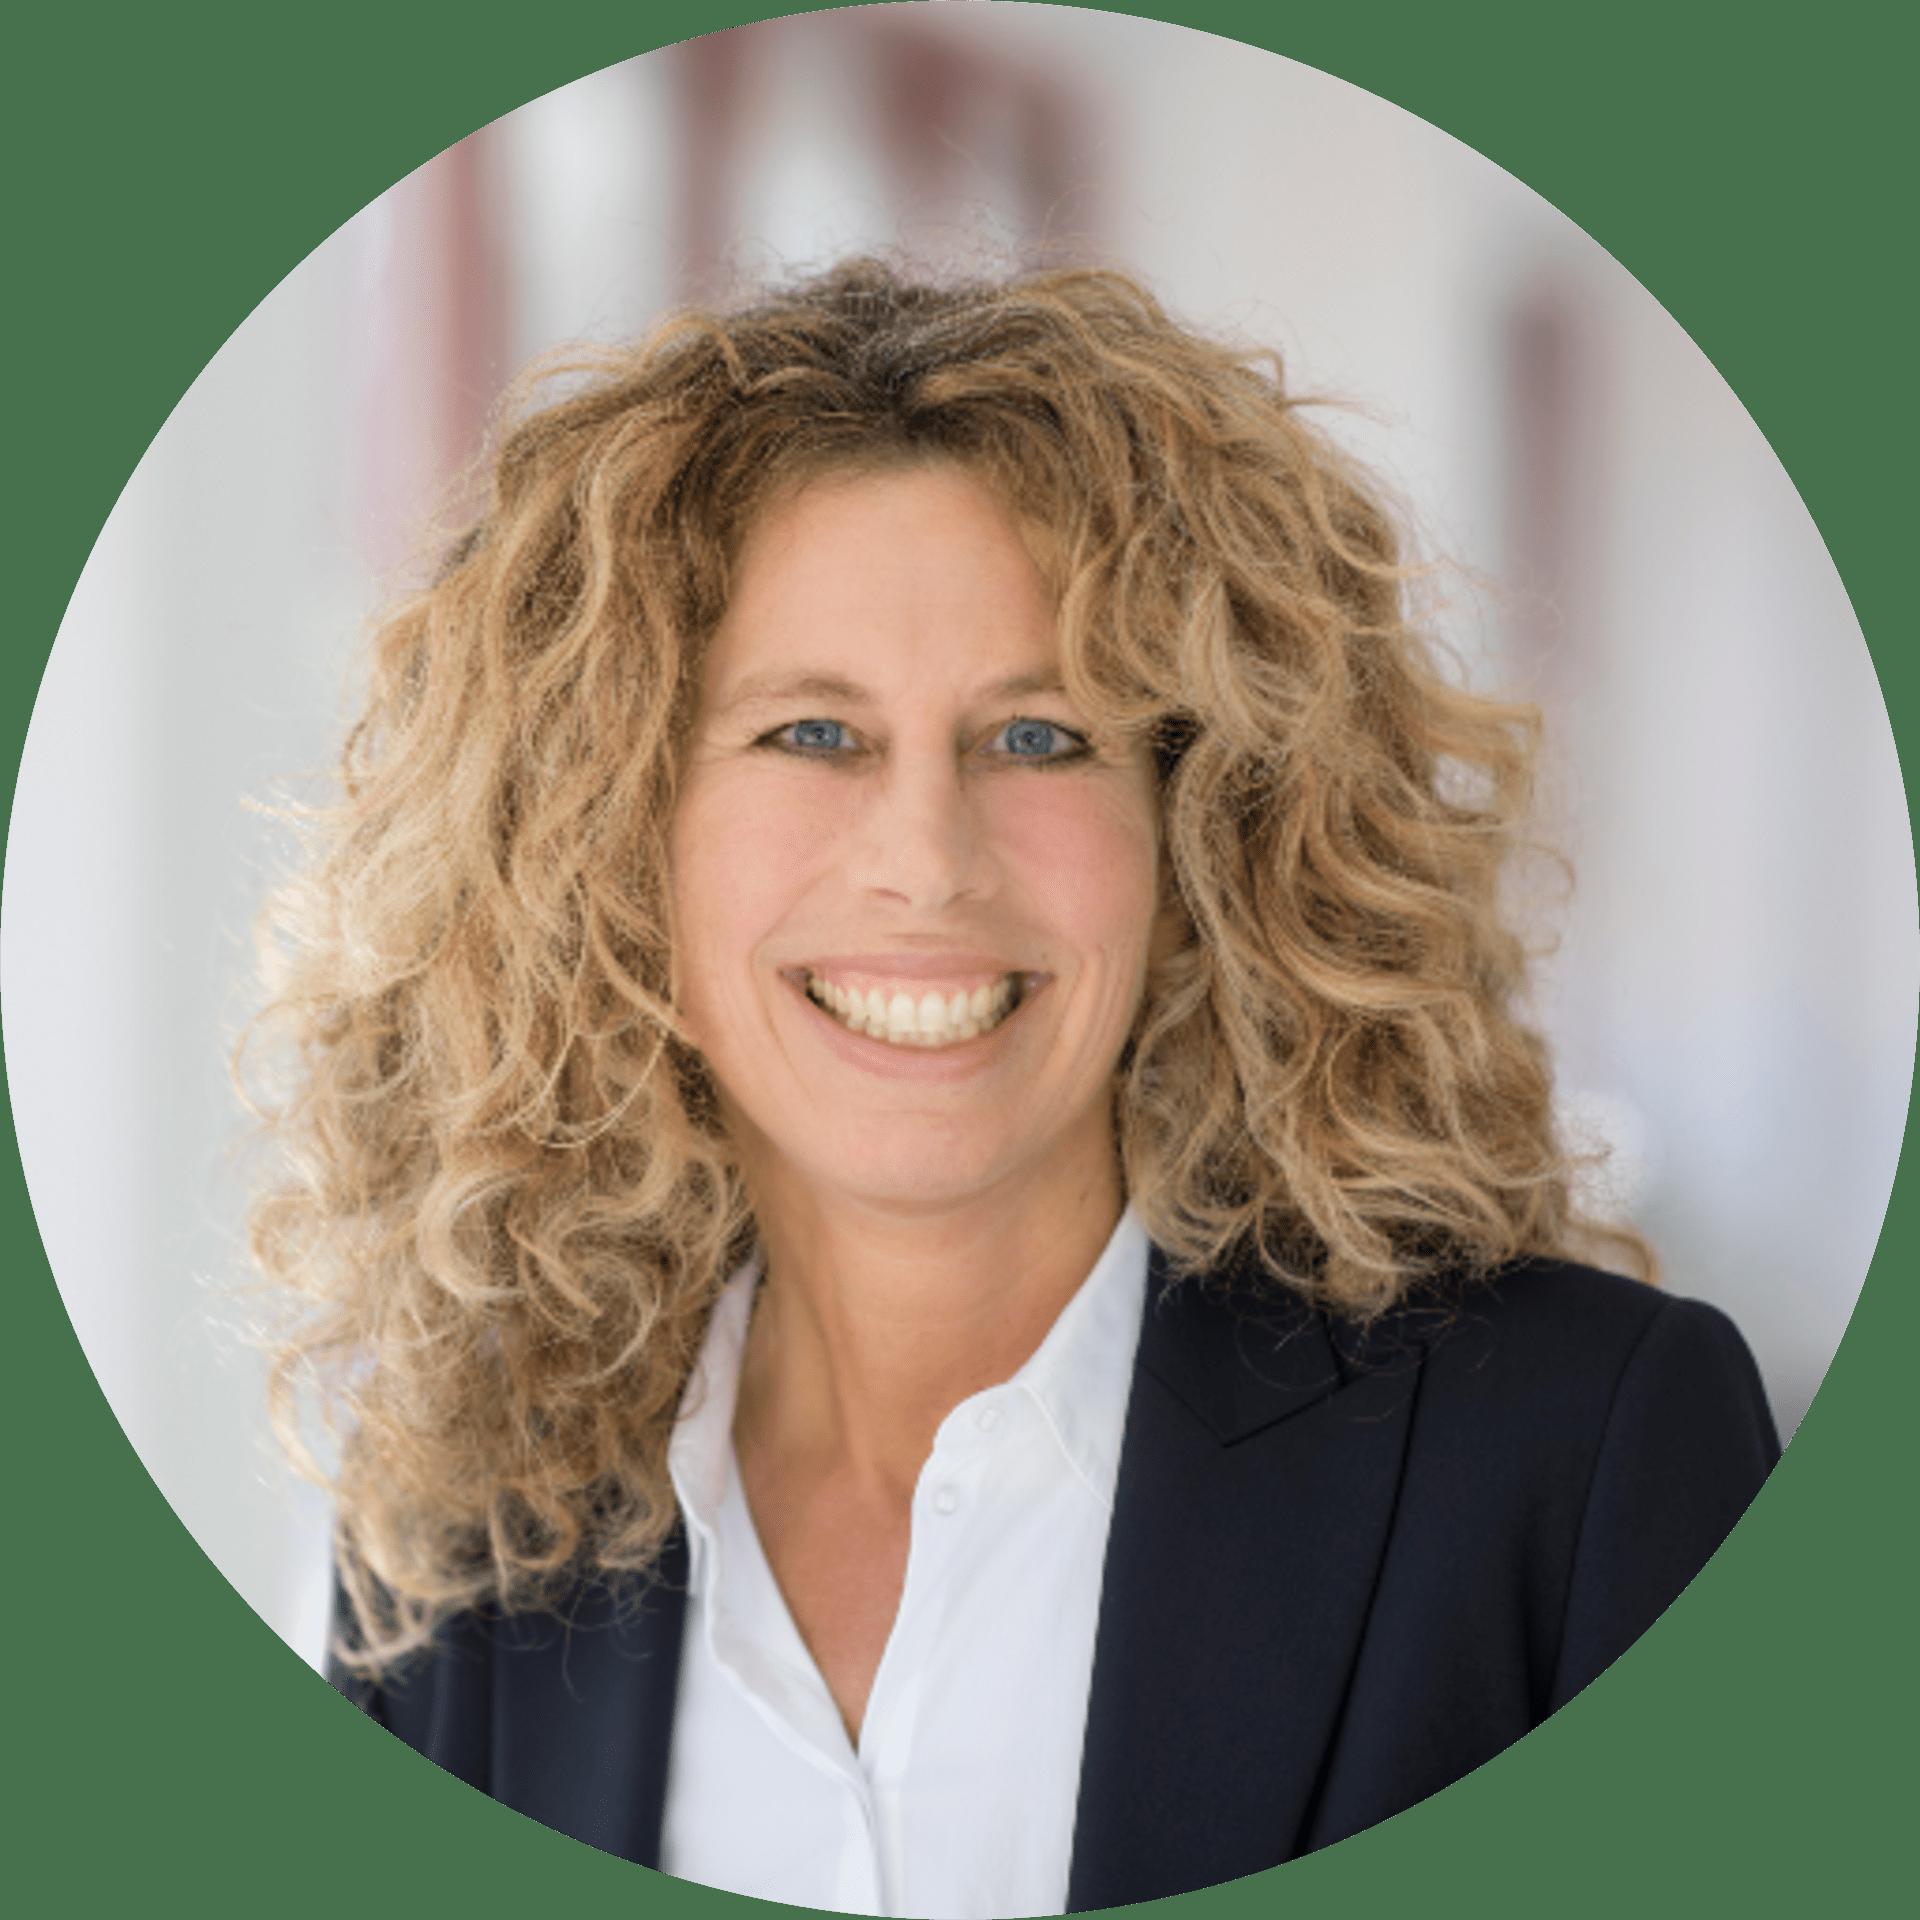 company contact Birgit Voigtländer